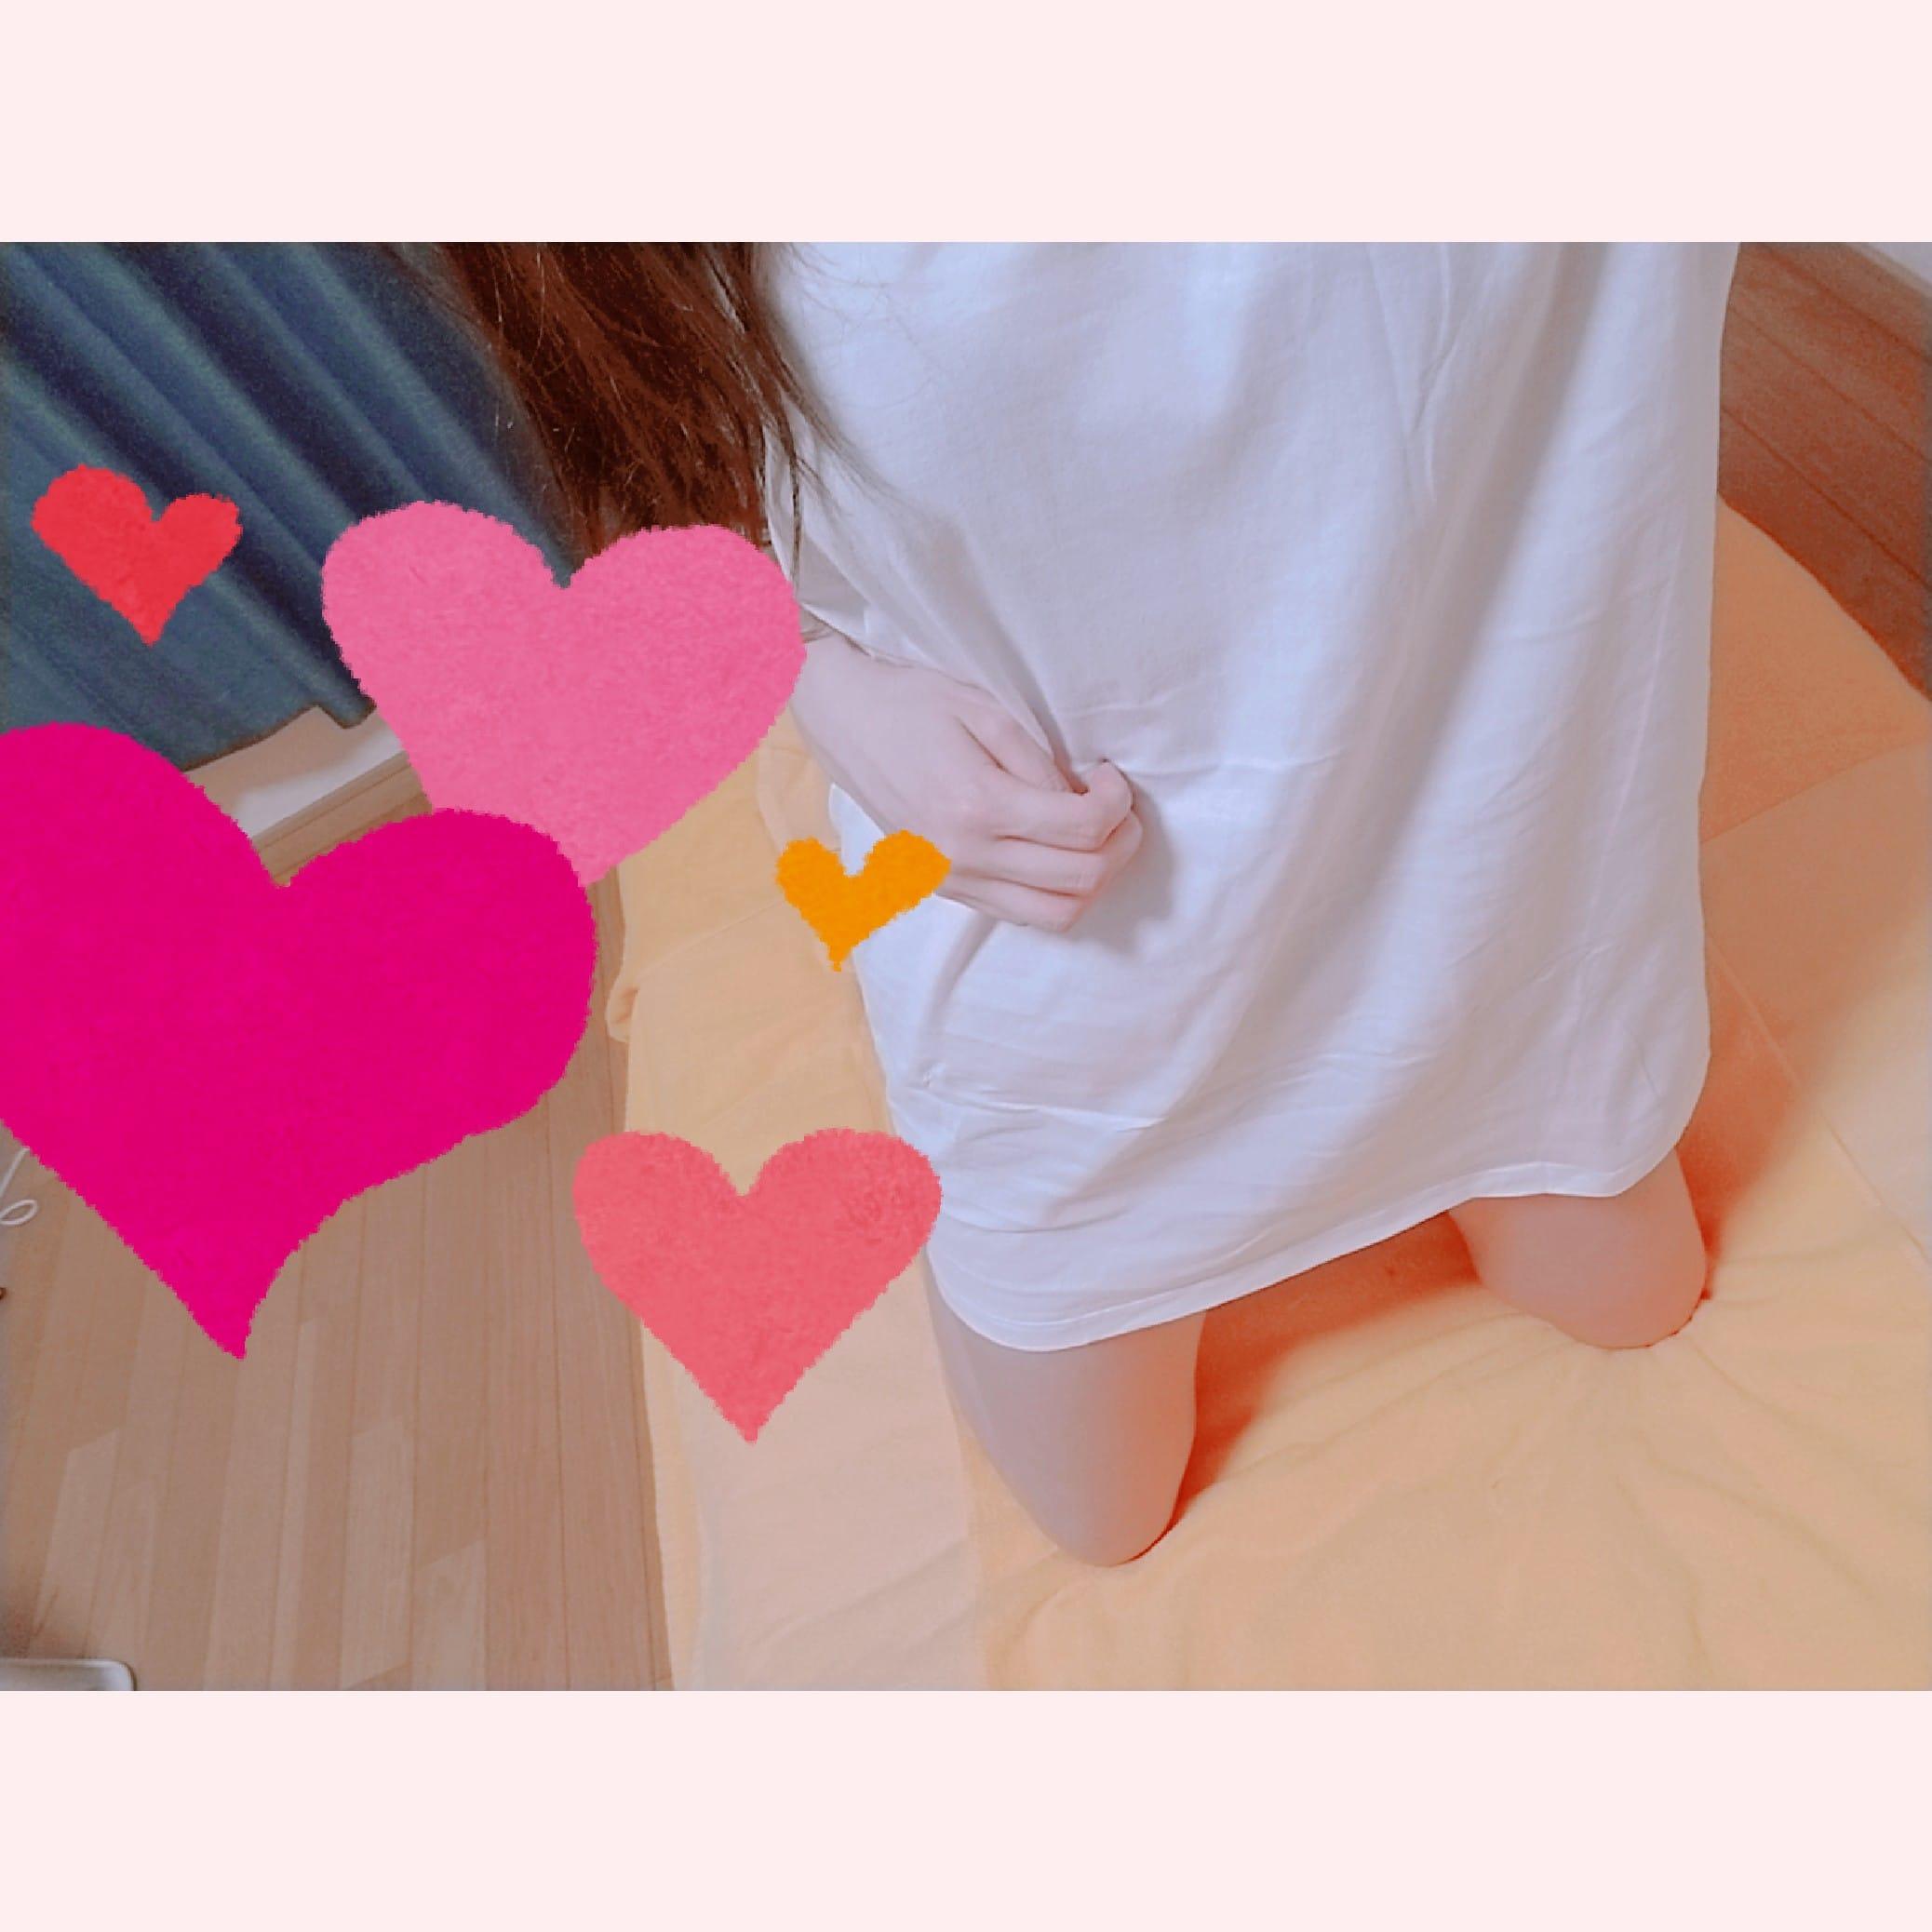 「本日出勤✩.*˚」06/12(土) 17:51 | ♡かりん♡の写メ日記